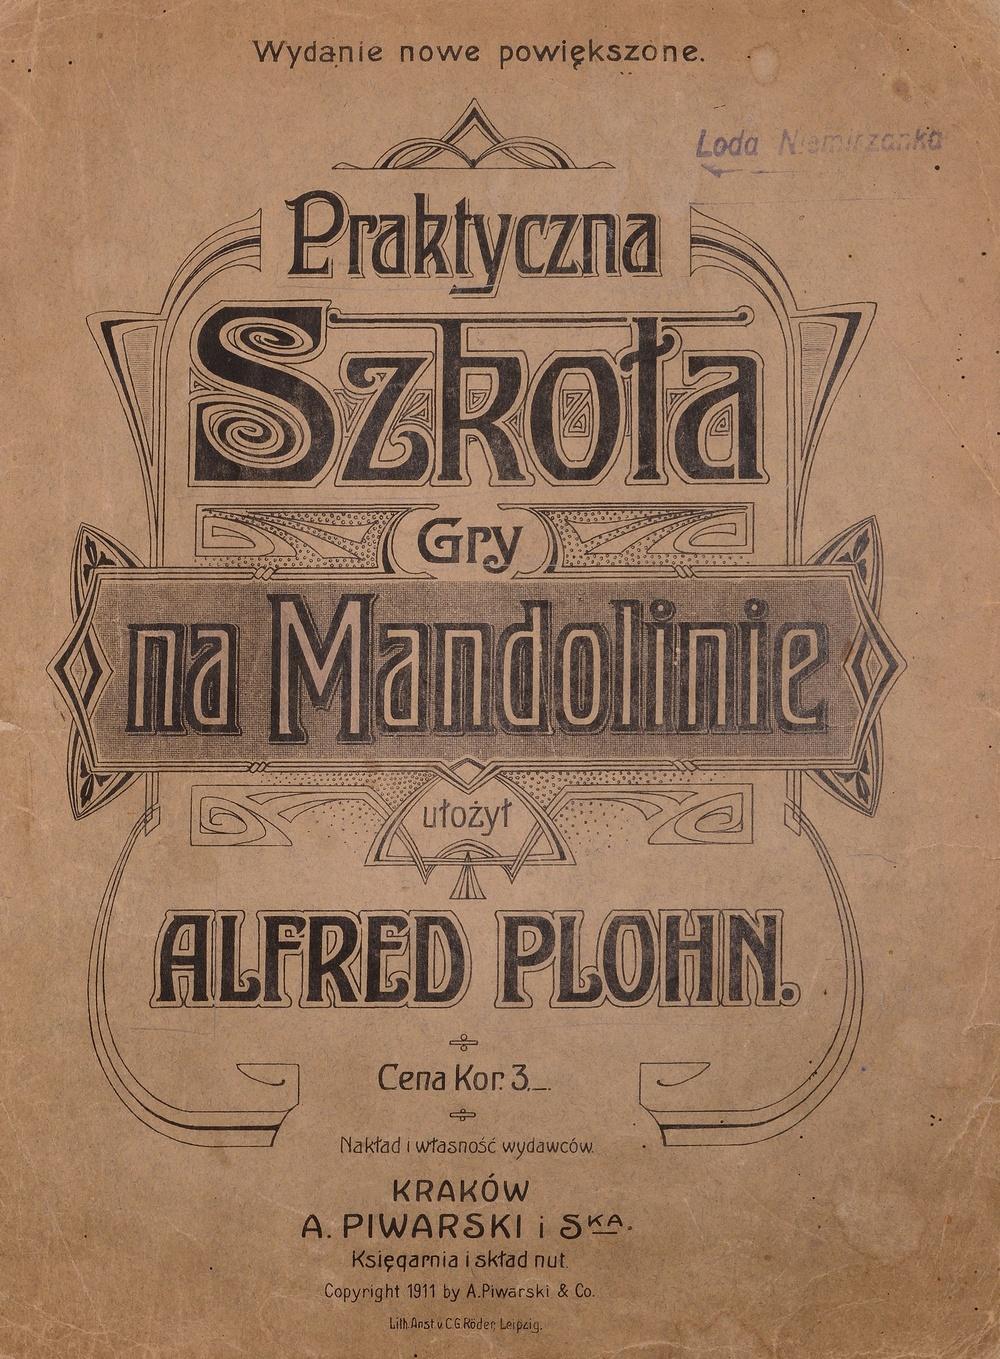 Mandolinenschule Alfred Plohn (1905/1911)